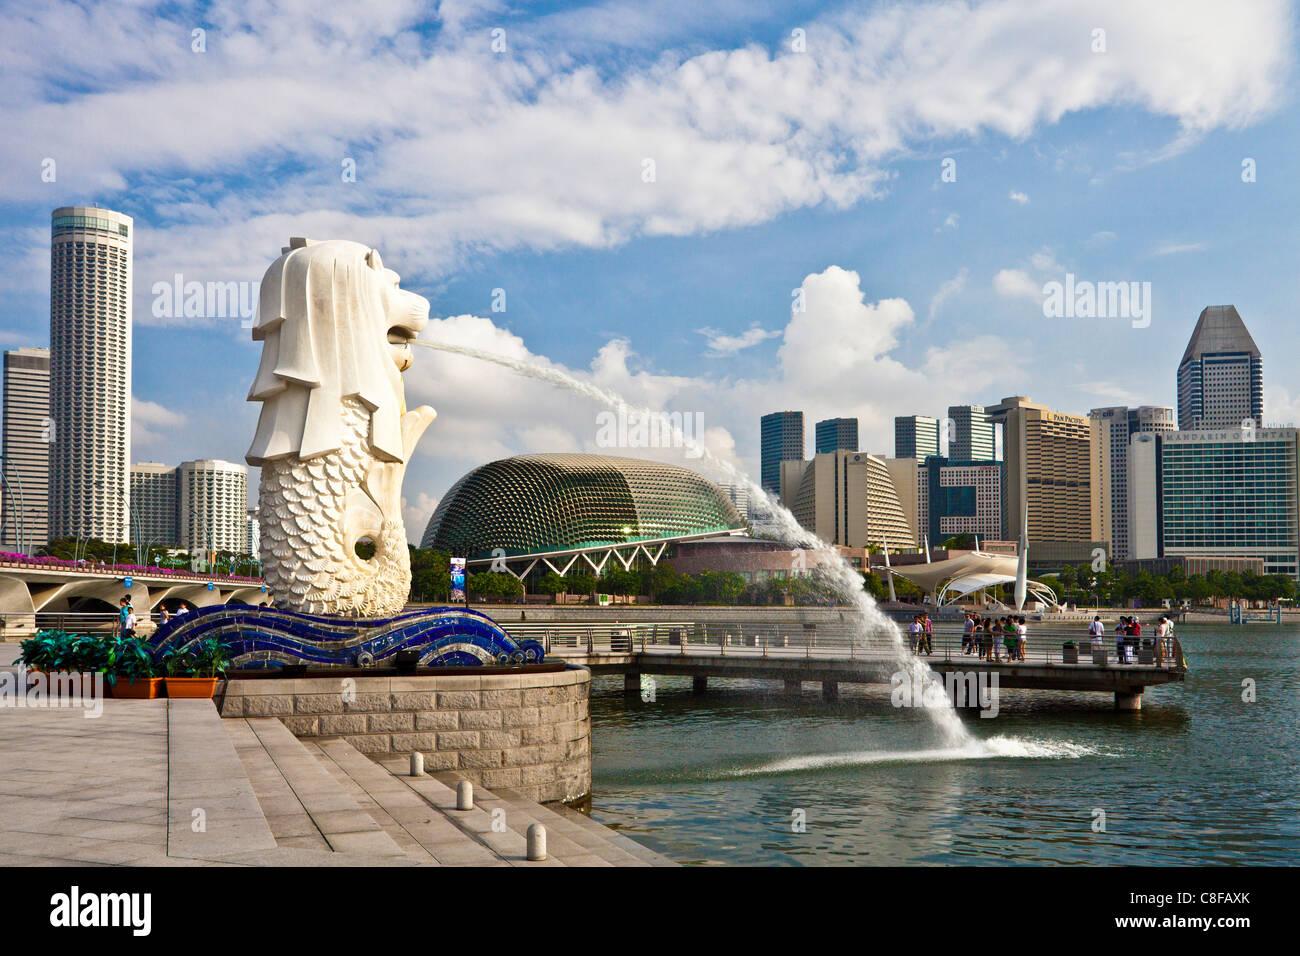 Singapour, Asie, Merlion, monument, lion, sirène, la sculpture, de l'eau vomir, cracher, banque promenade, Skyline, Banque D'Images